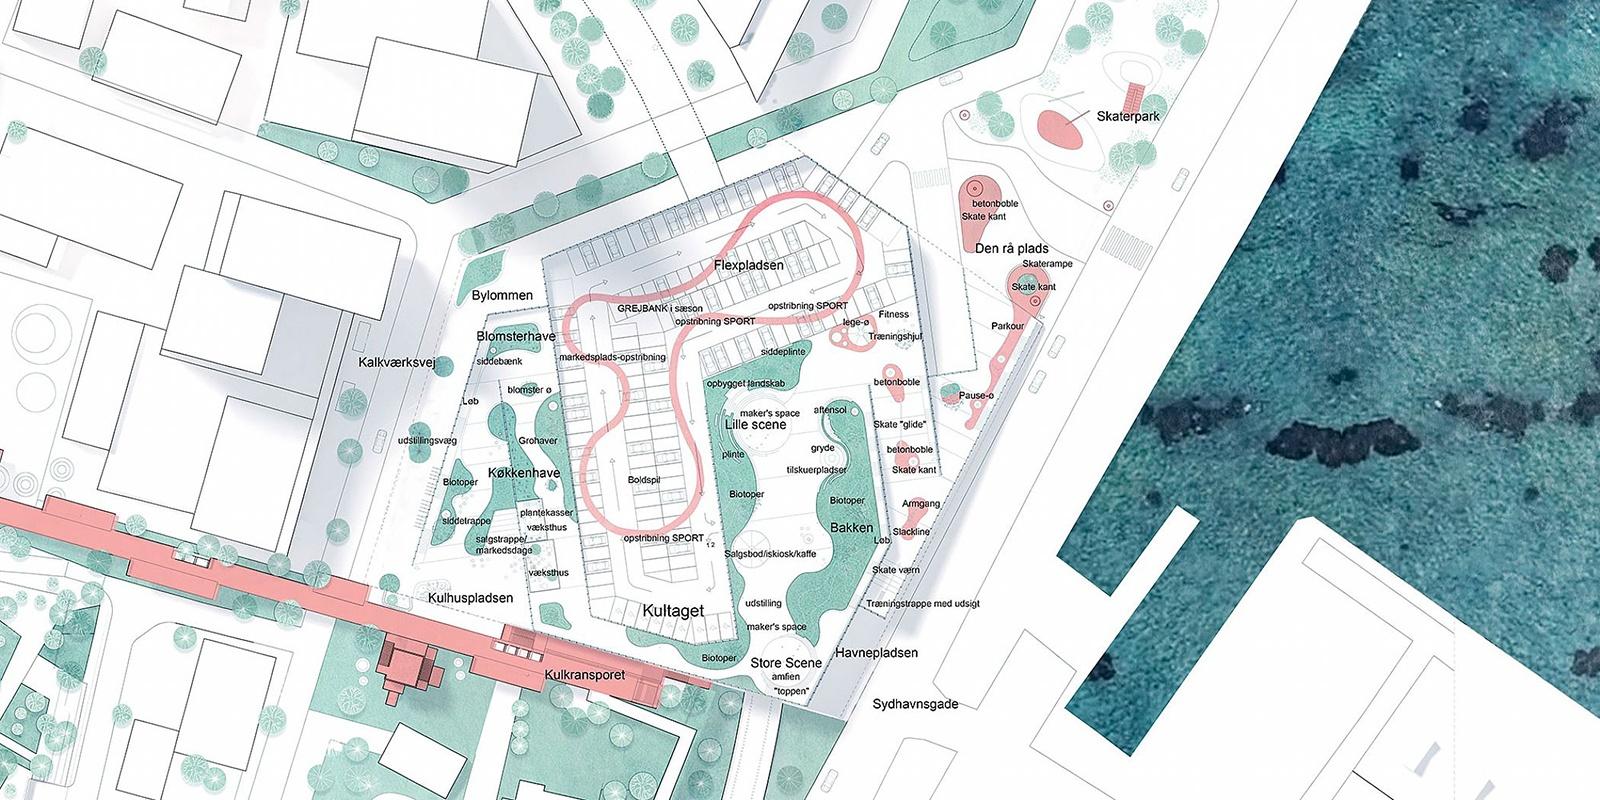 C-F-Moeller-Architects-og-Nordland-Arkitekter-og-vinder-opgaven-om-nyt-parkerings-og-aktivitetshus-i-img-10622-w2100-h1050